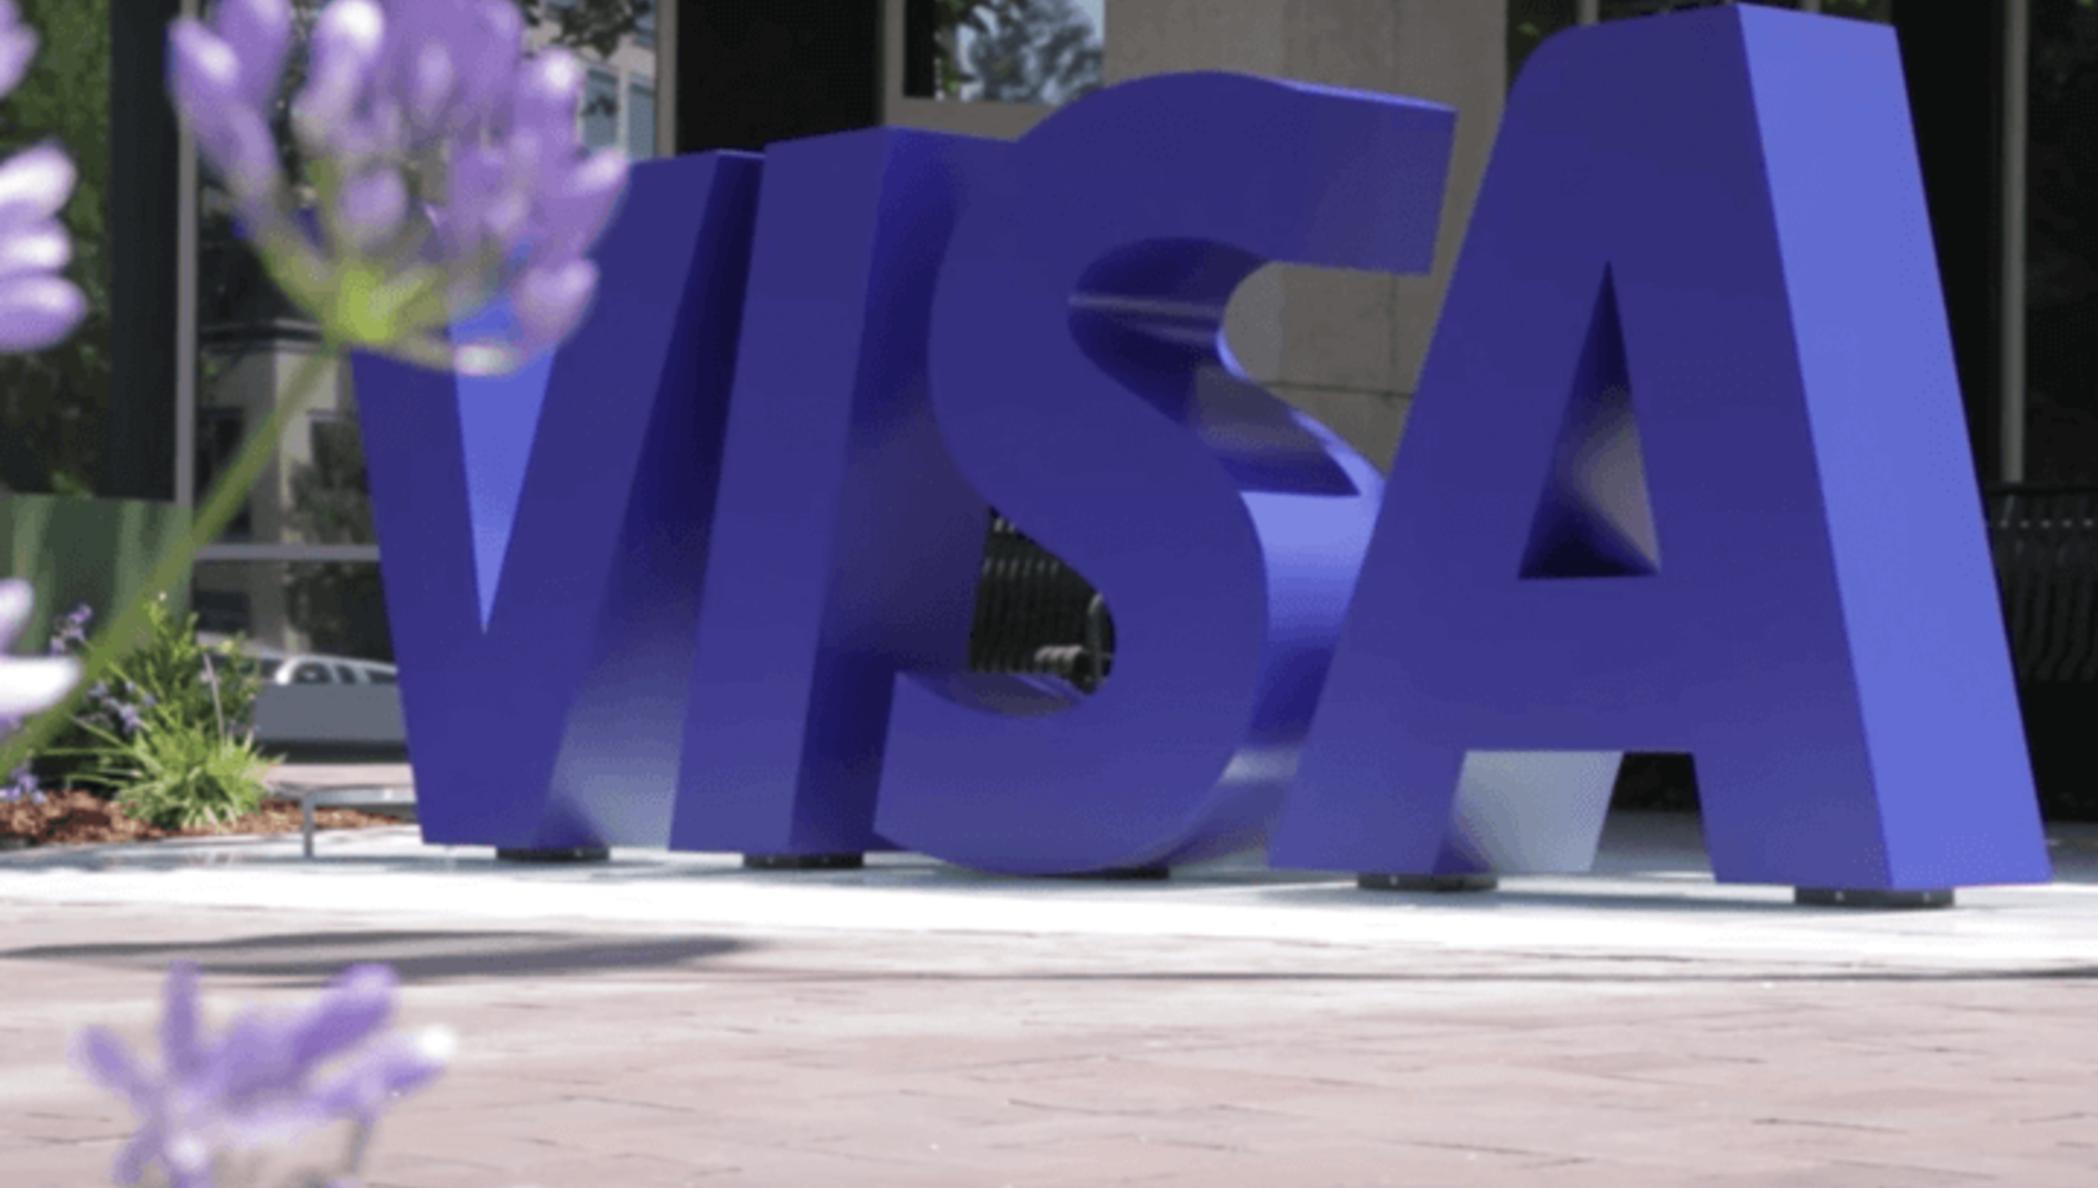 An outdoor sculpture of the VISA logo.